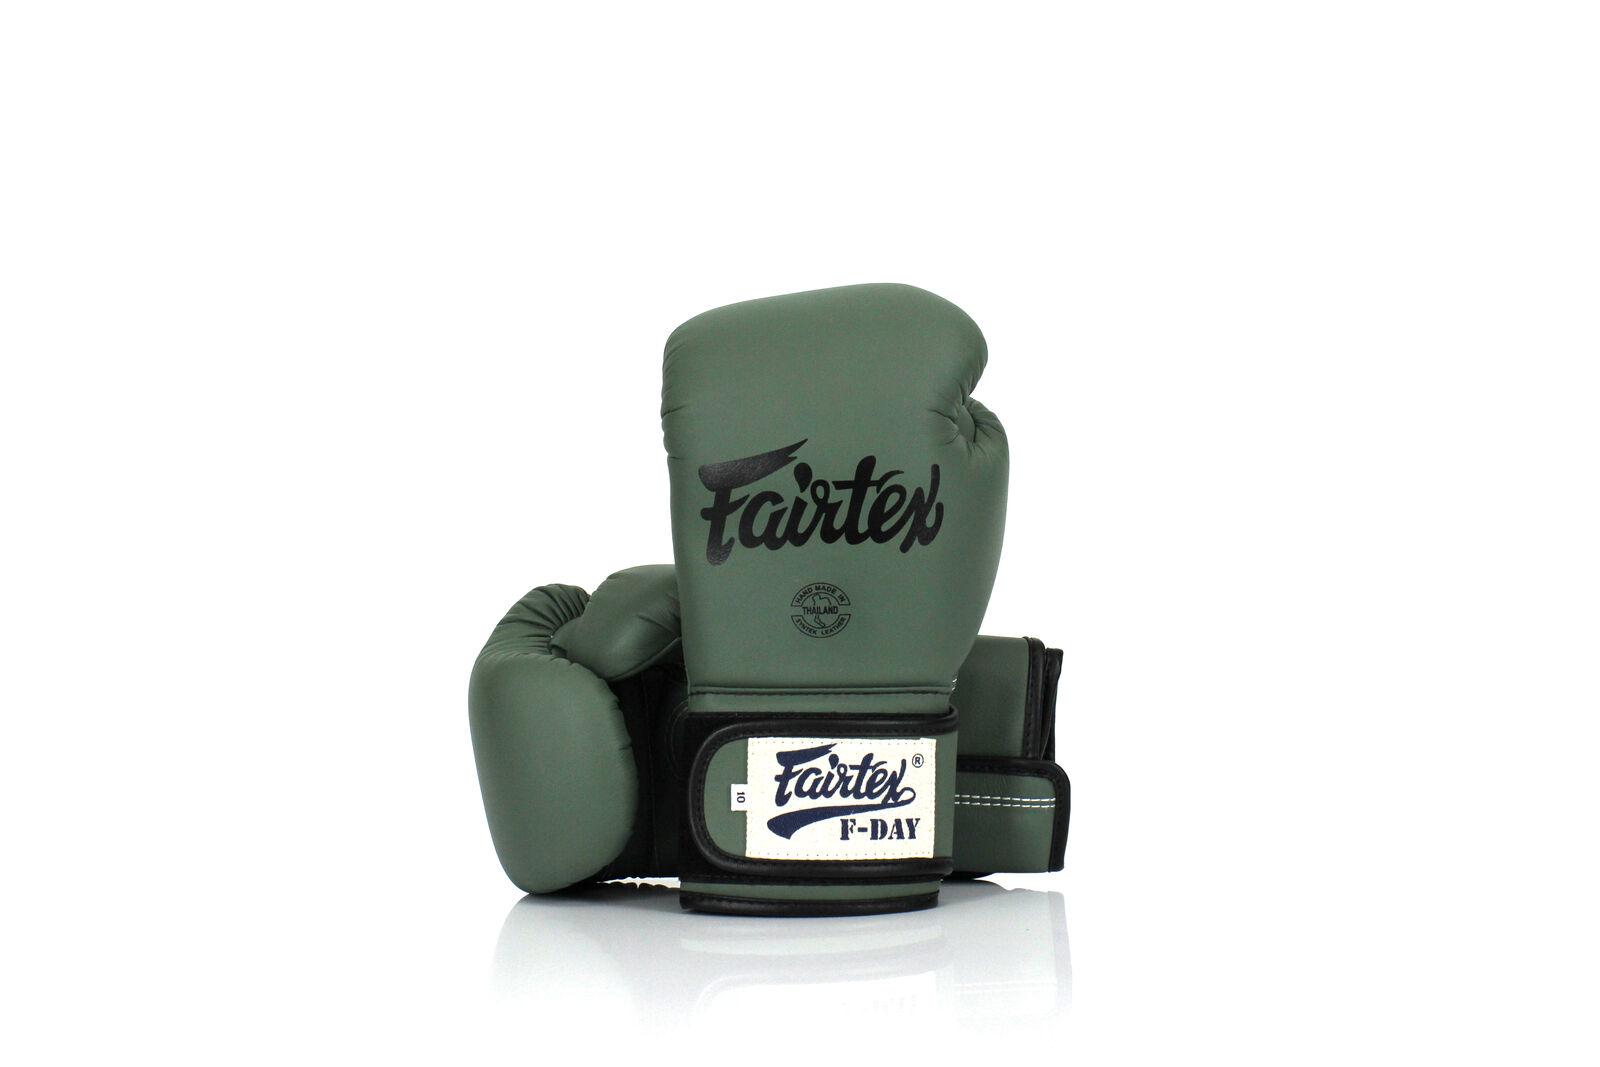 Fairtex Microfiber Boxing Boxhandschuhe Boxing Microfiber Handschuhe Klettverschluss daa89c